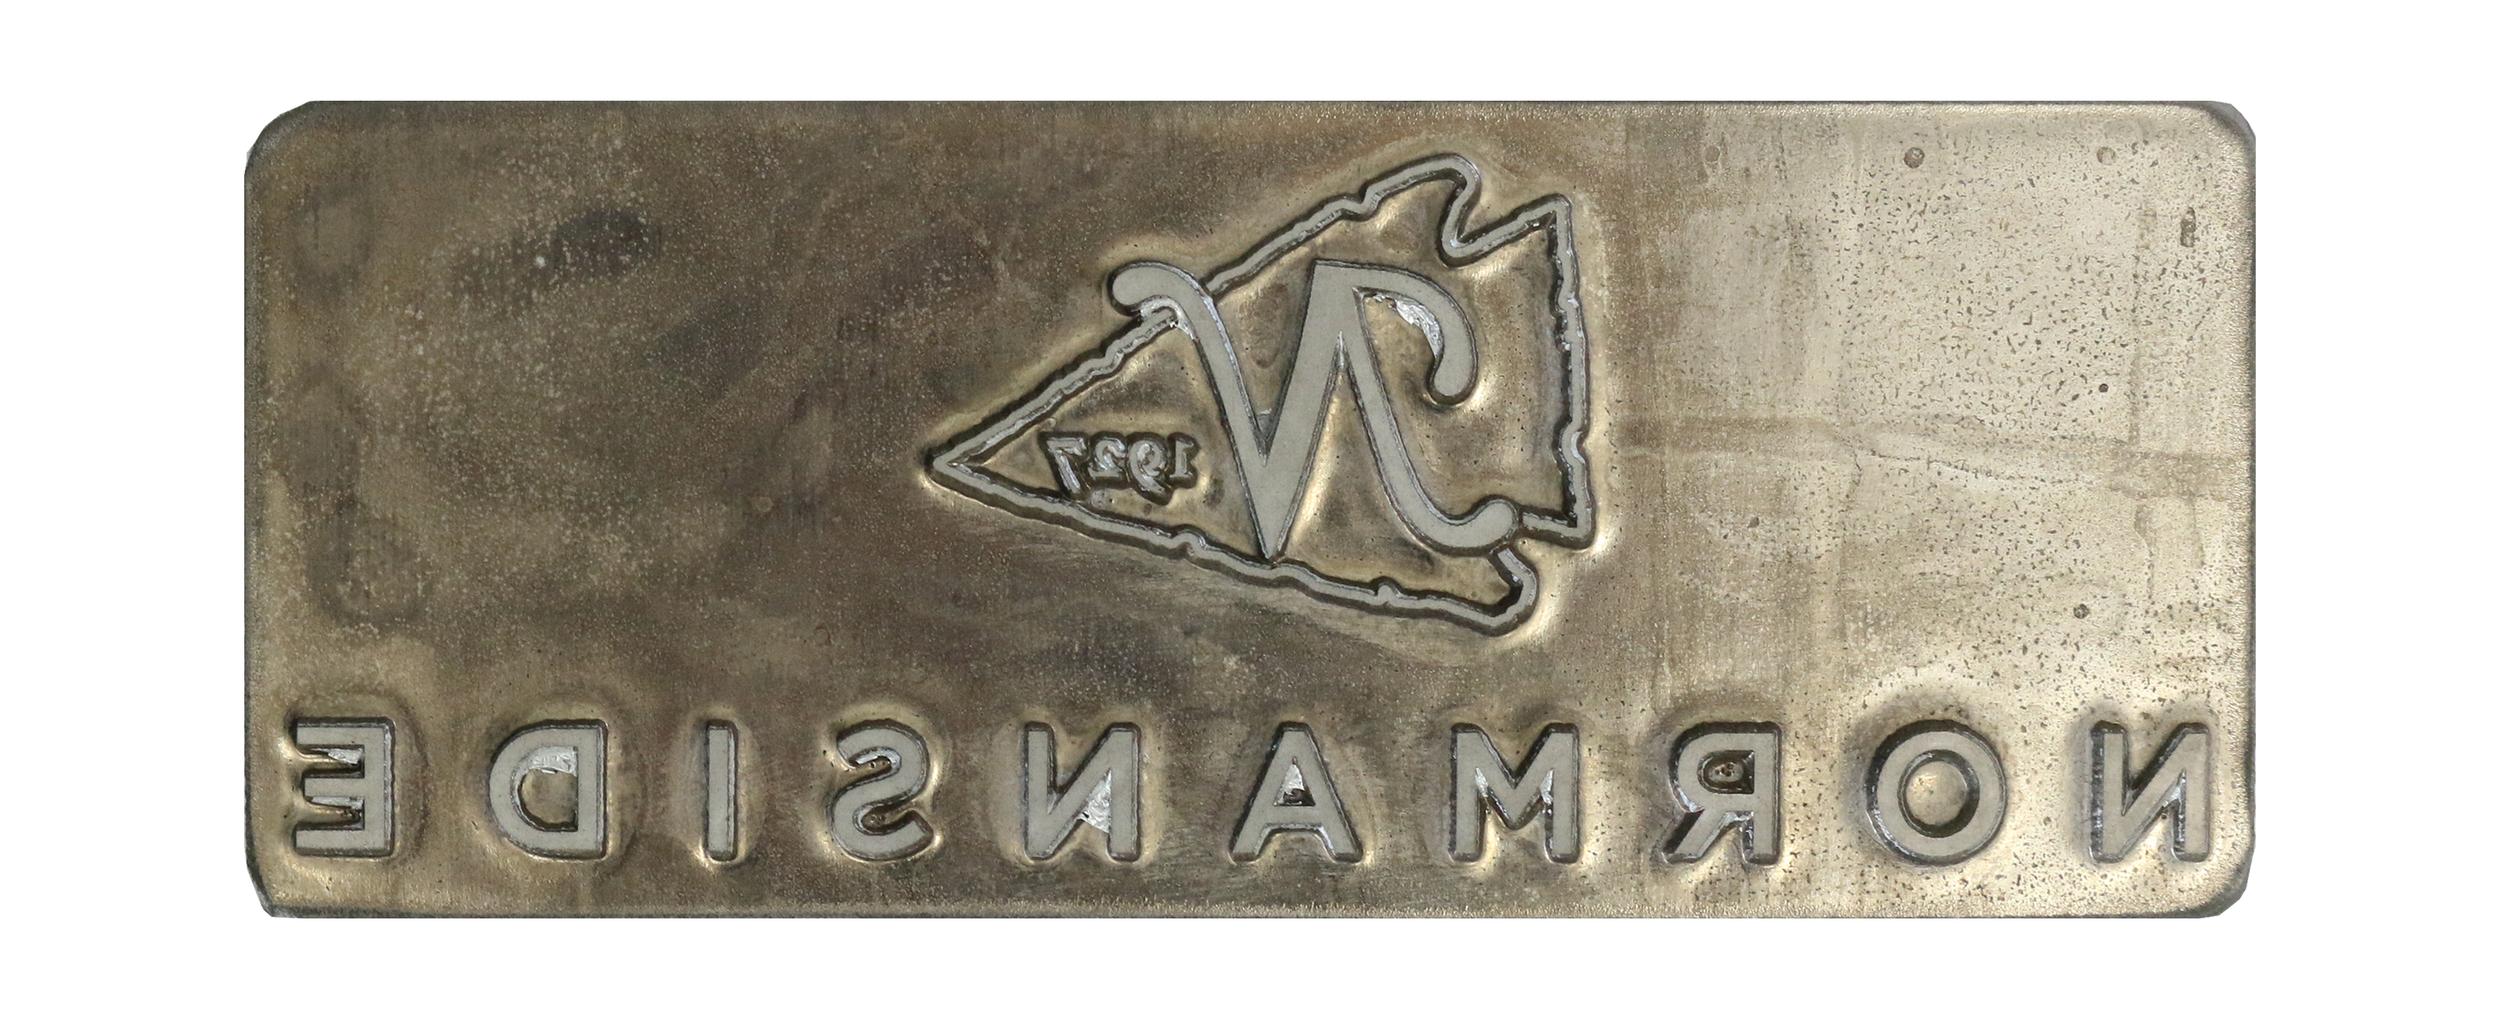 Metal die plate